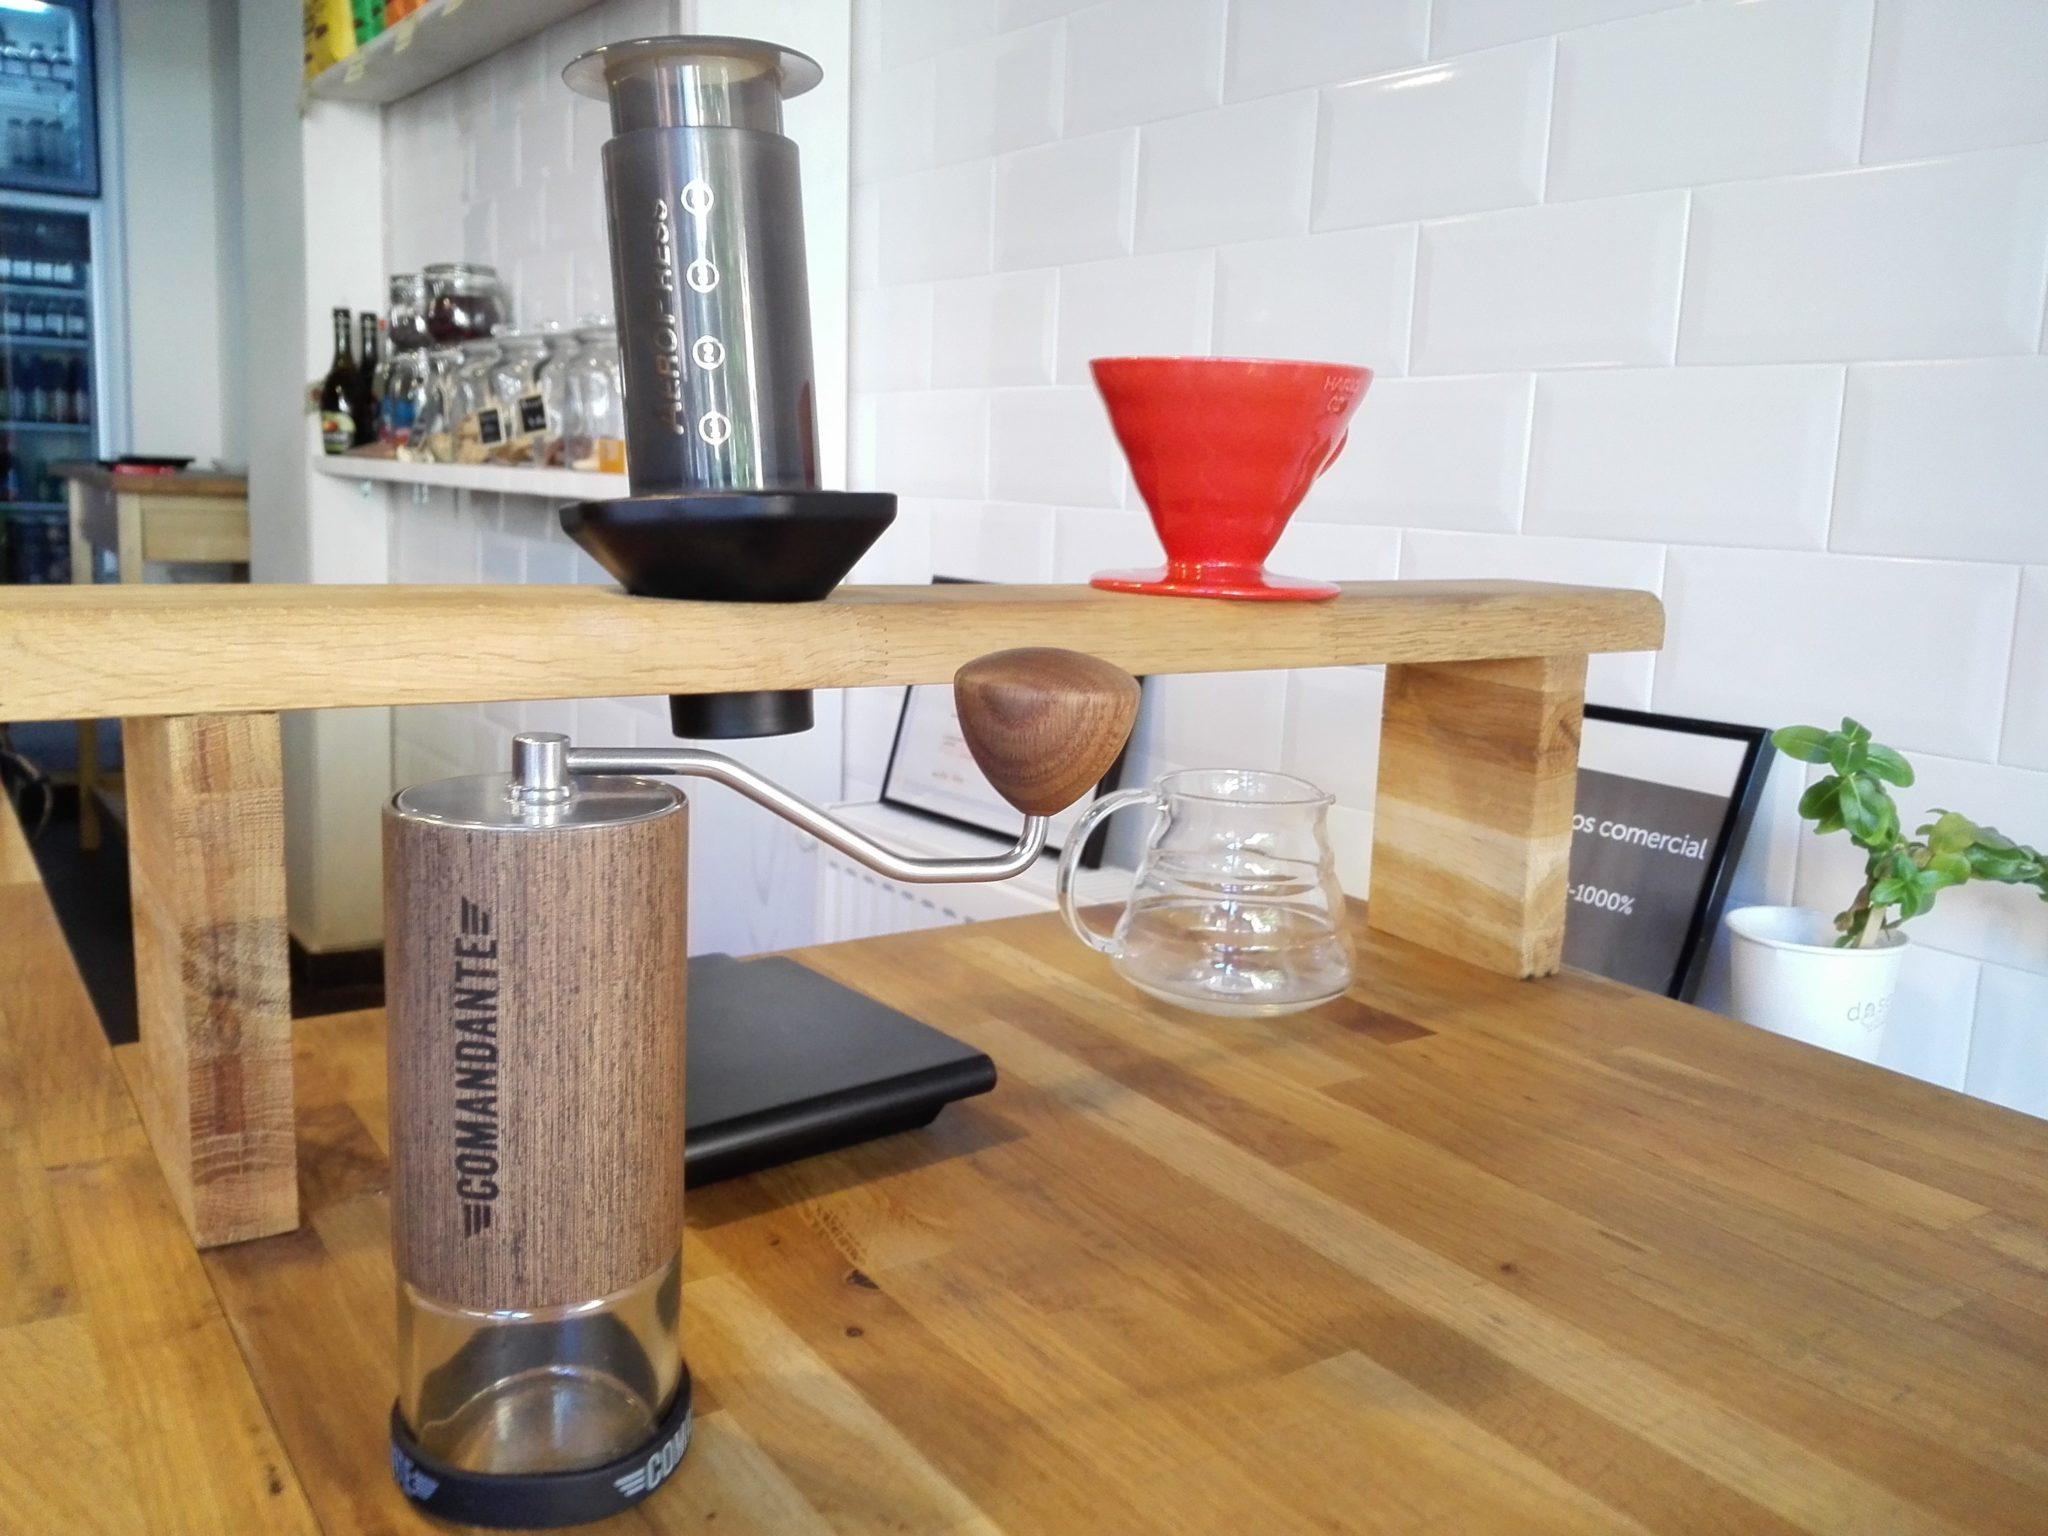 Comandante C40 rasnita manuala cafea dose cafe